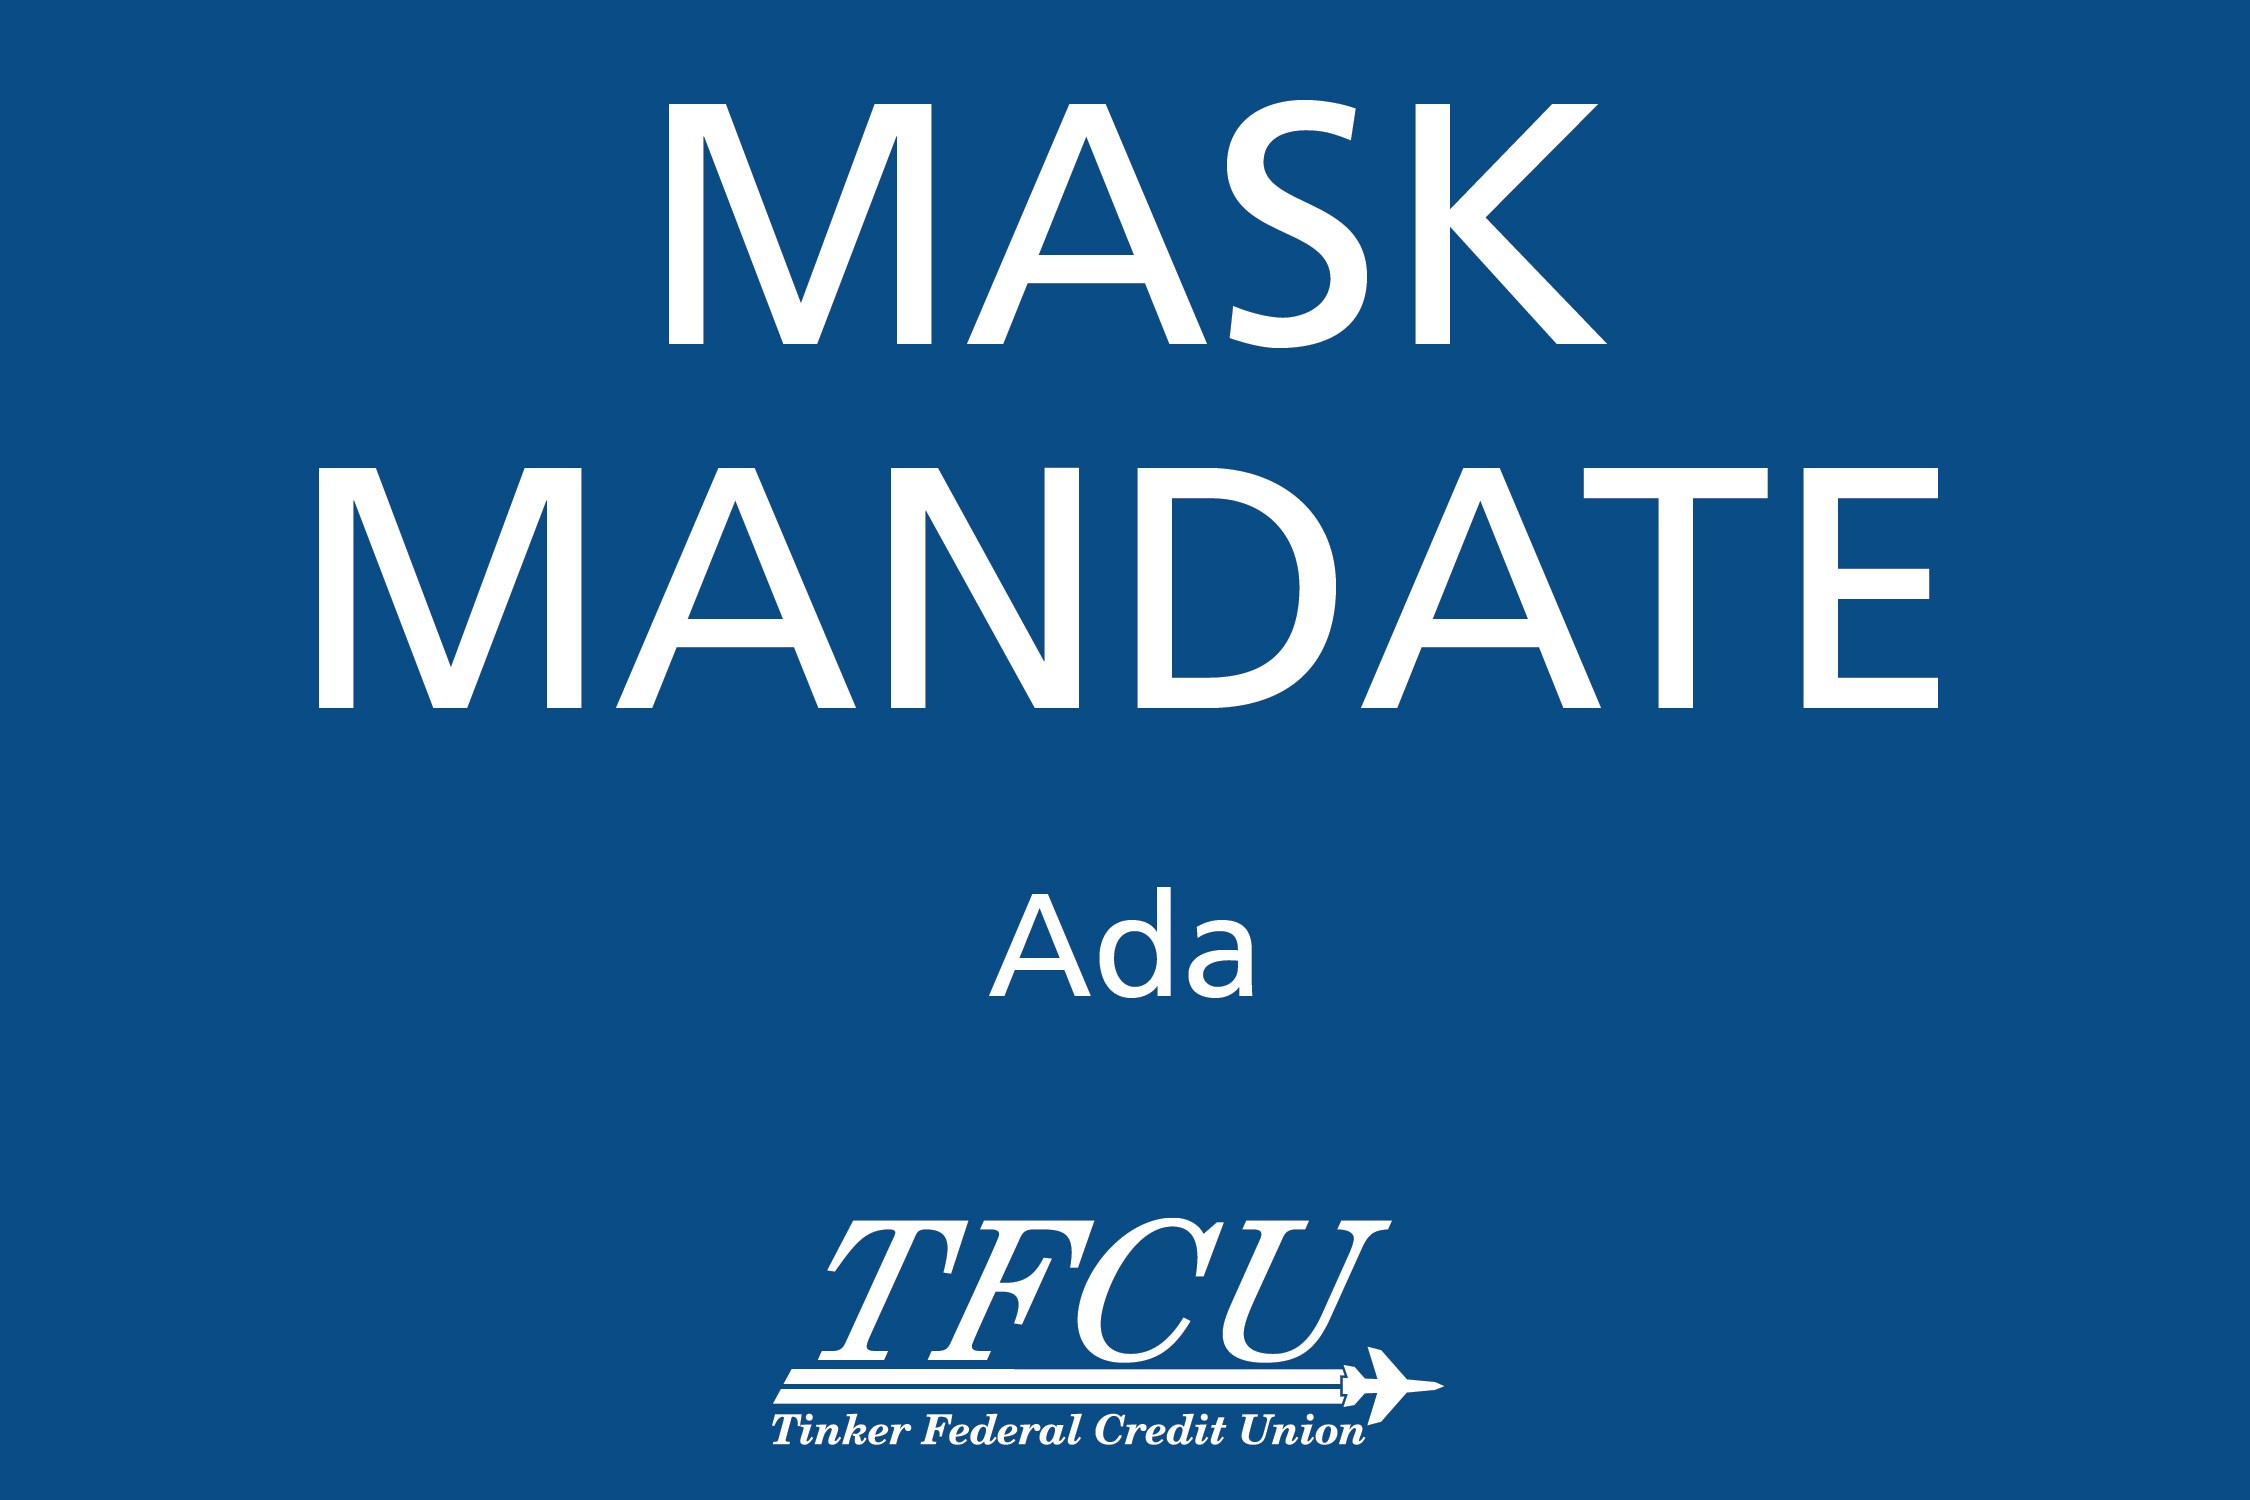 Ada Mask Mandate